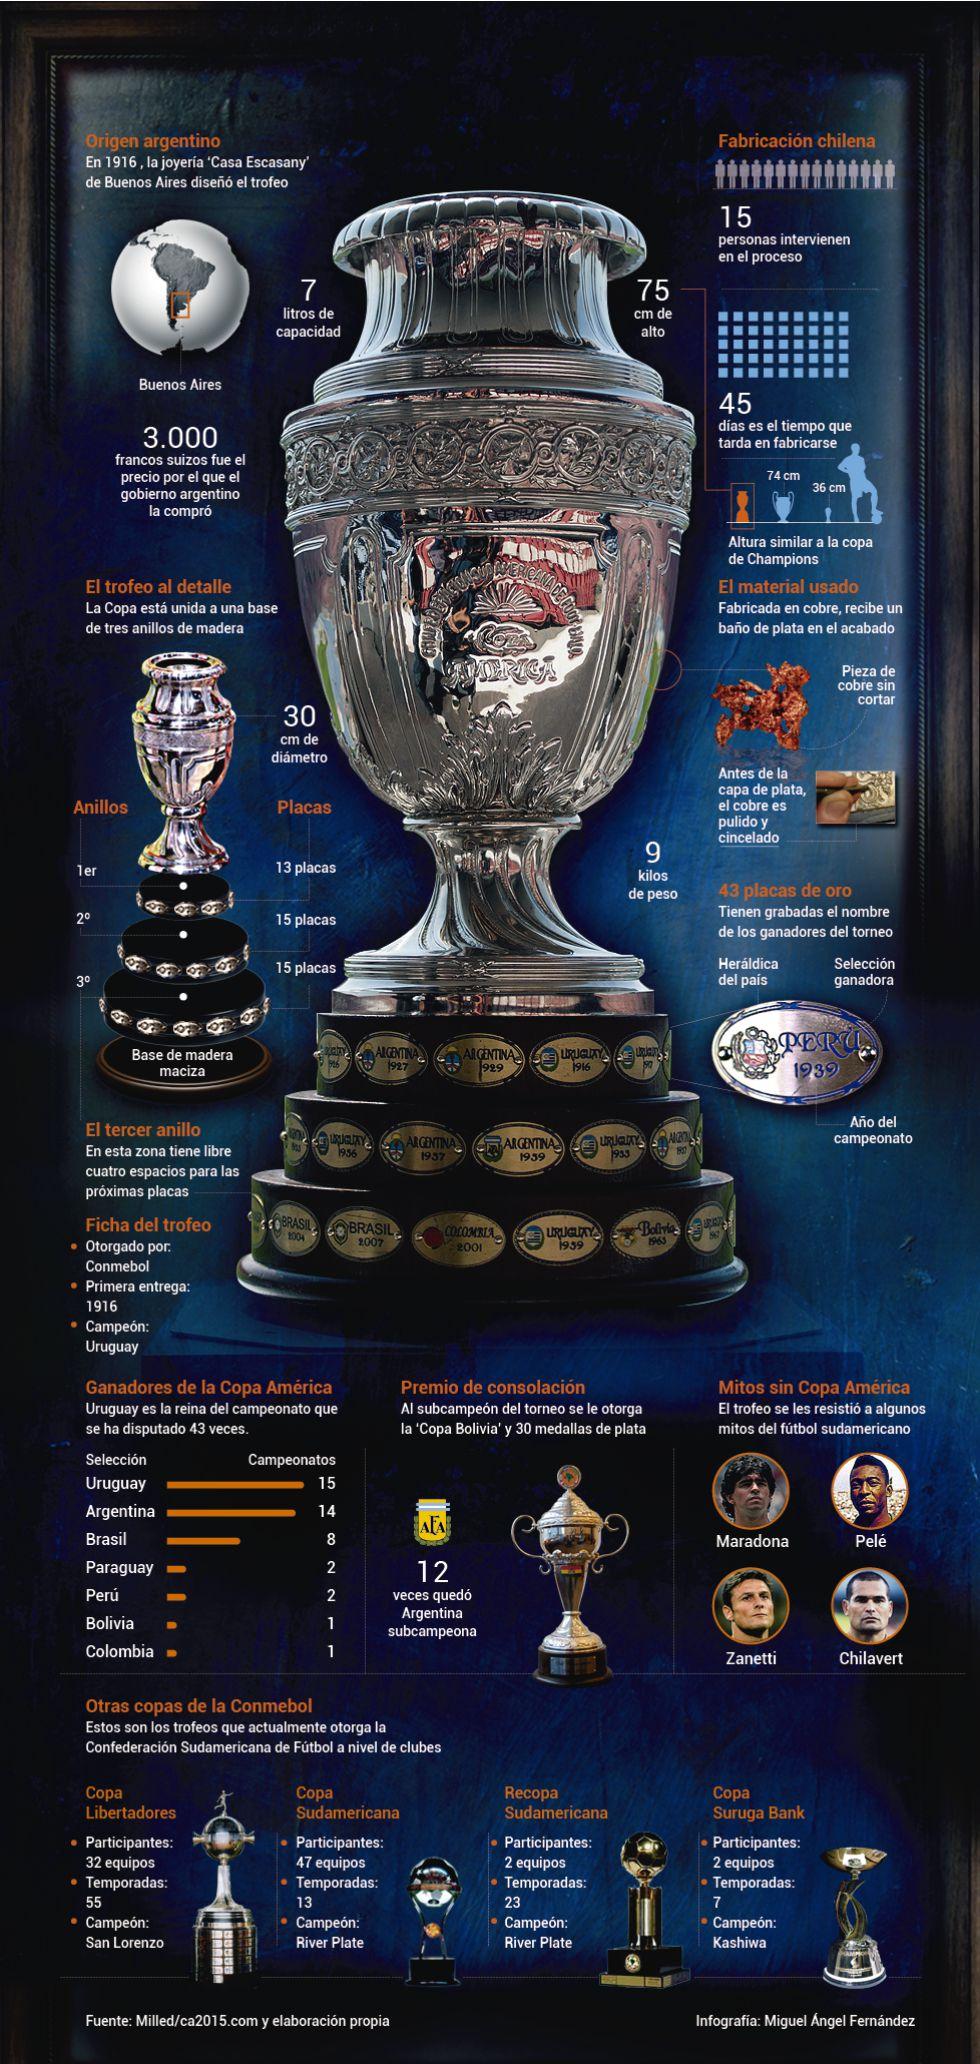 El curioso origen del trofeo más antiguo de la historia del fútbol - AS.com